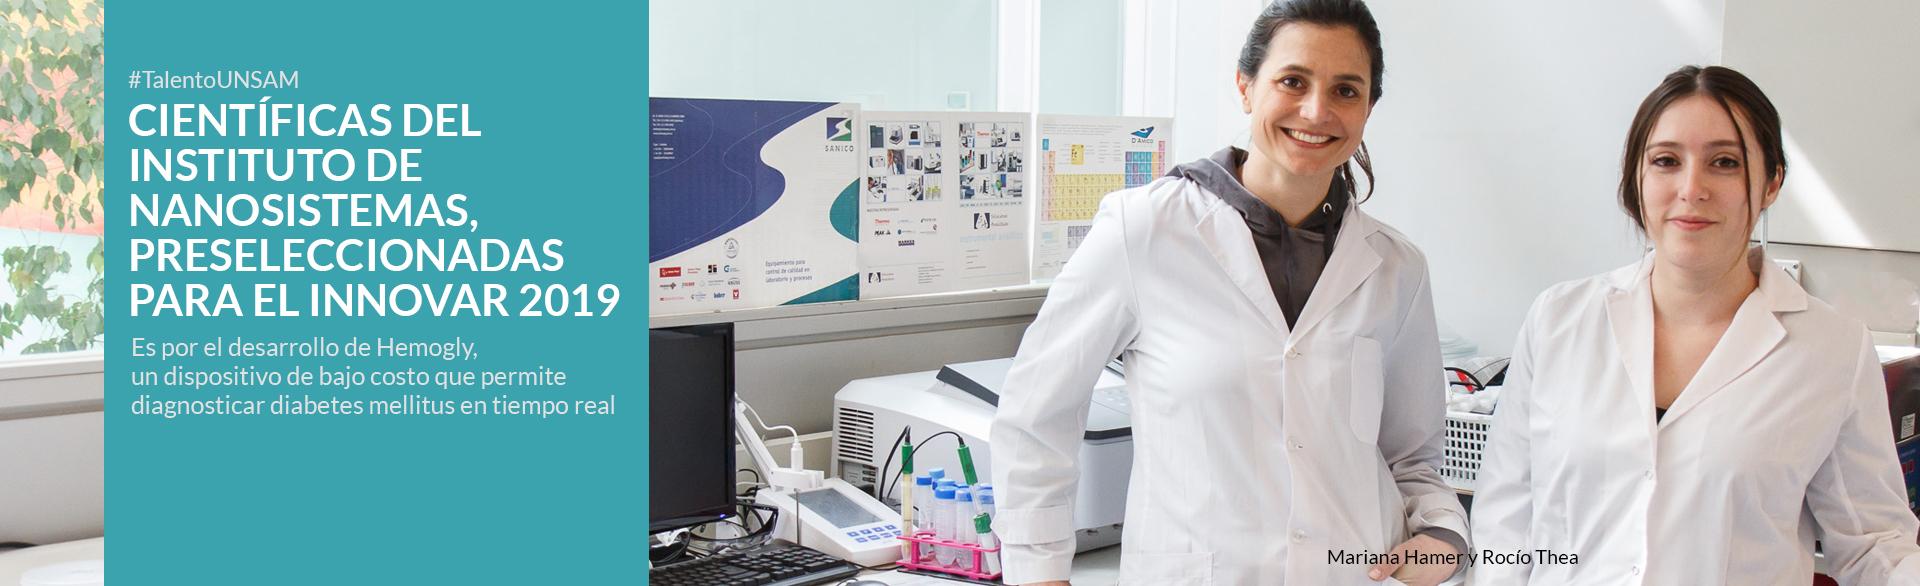 Científicas de la UNSAM fueron Preseleccionadas para el Innovar 2019